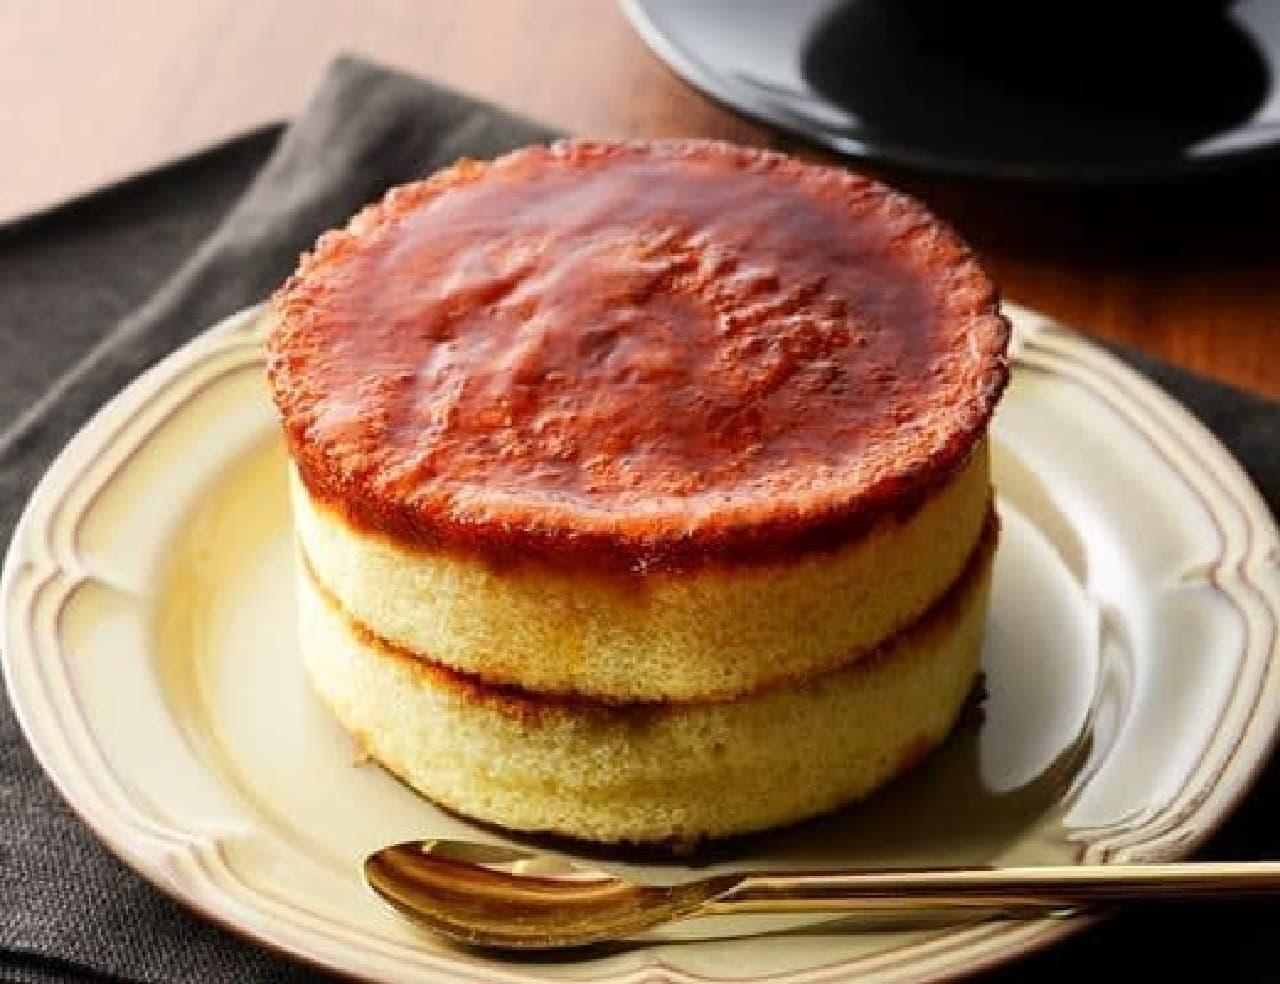 ローソン「ブリュレパンケーキ」